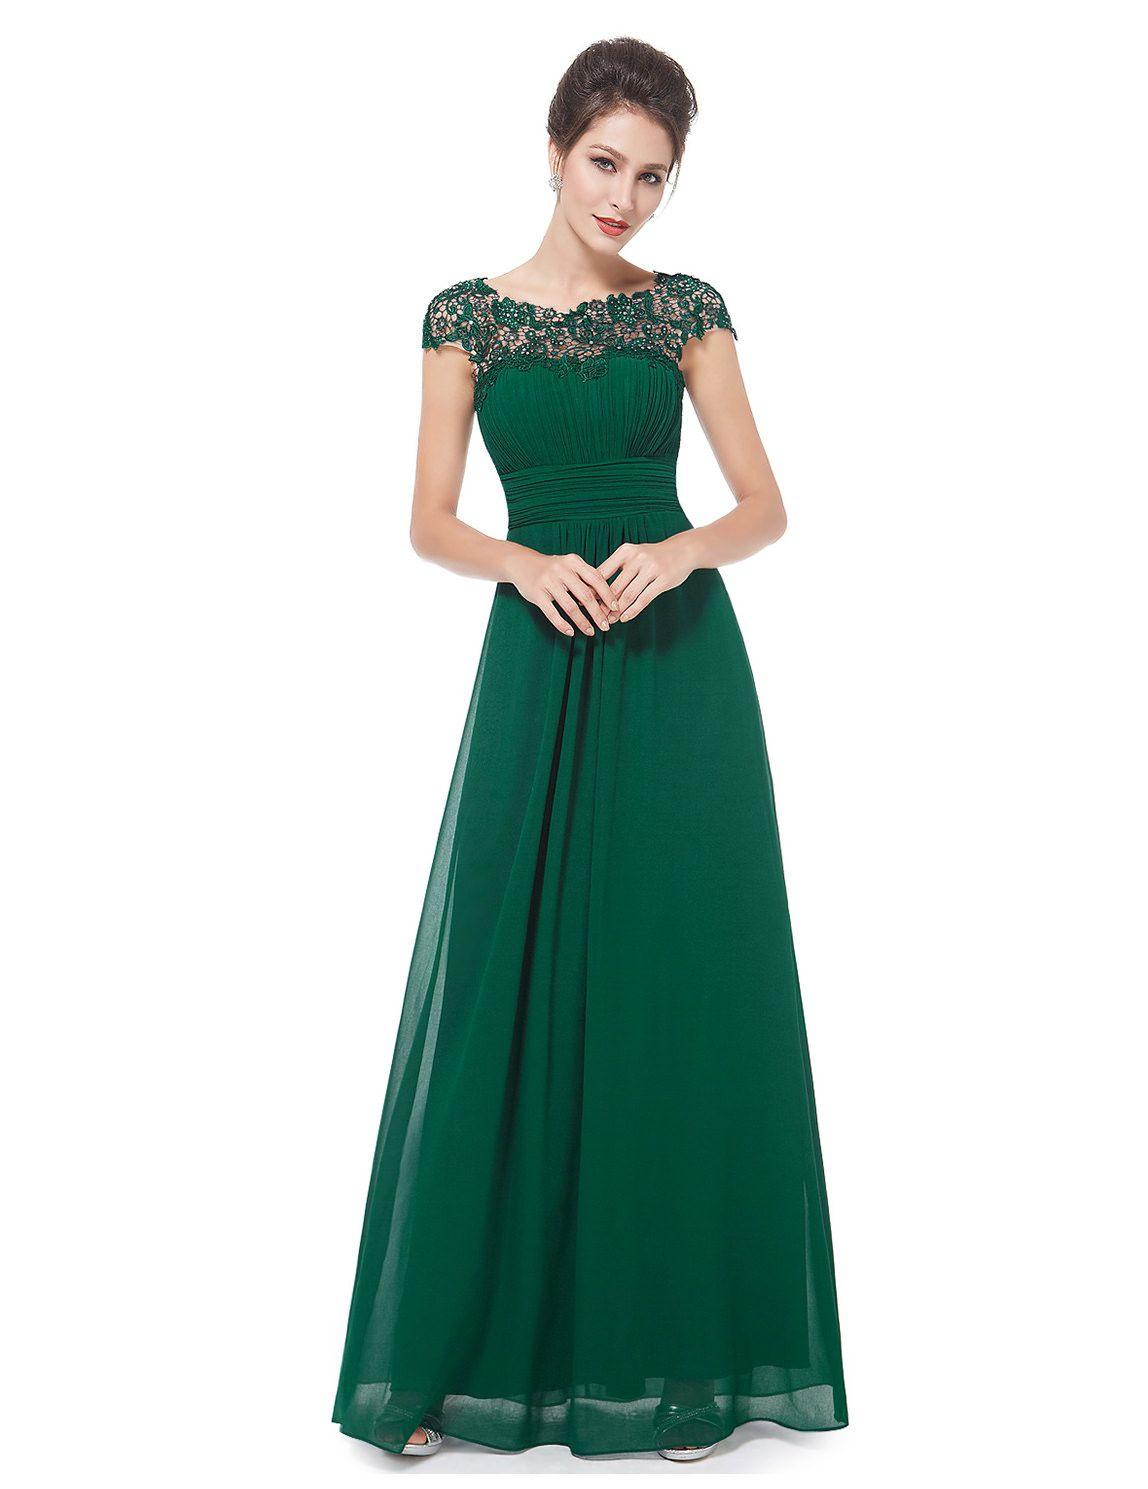 13 Leicht Abendkleider Grün Bester Preis20 Top Abendkleider Grün Design